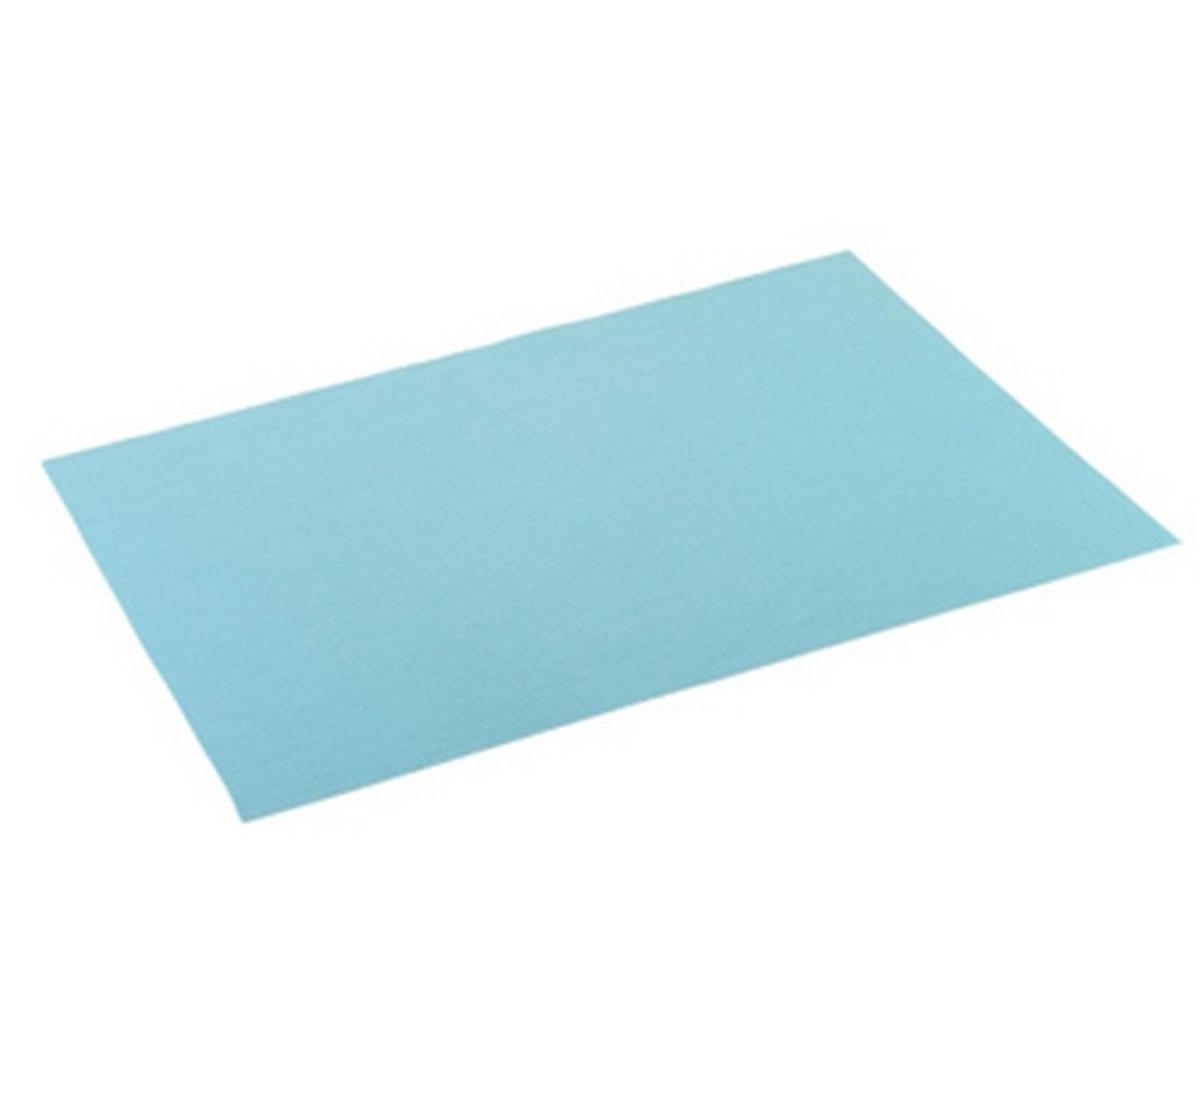 Салфетка сервировочная Tescoma Flair Trend, цвет: бирюзовый, 45 x 32 см662088Элегантная салфетка Tescoma Flair Trend, изготовленная из прочного искусственного текстиля, предназначена для сервировки стола. Она служит защитой от царапин и различных следов, а также используется в качестве подставки под горячее. После использования изделие достаточно протереть чистой влажной тканью или промыть под струей воды и высушить. Не мыть в посудомоечной машине, не сушить на батарее.